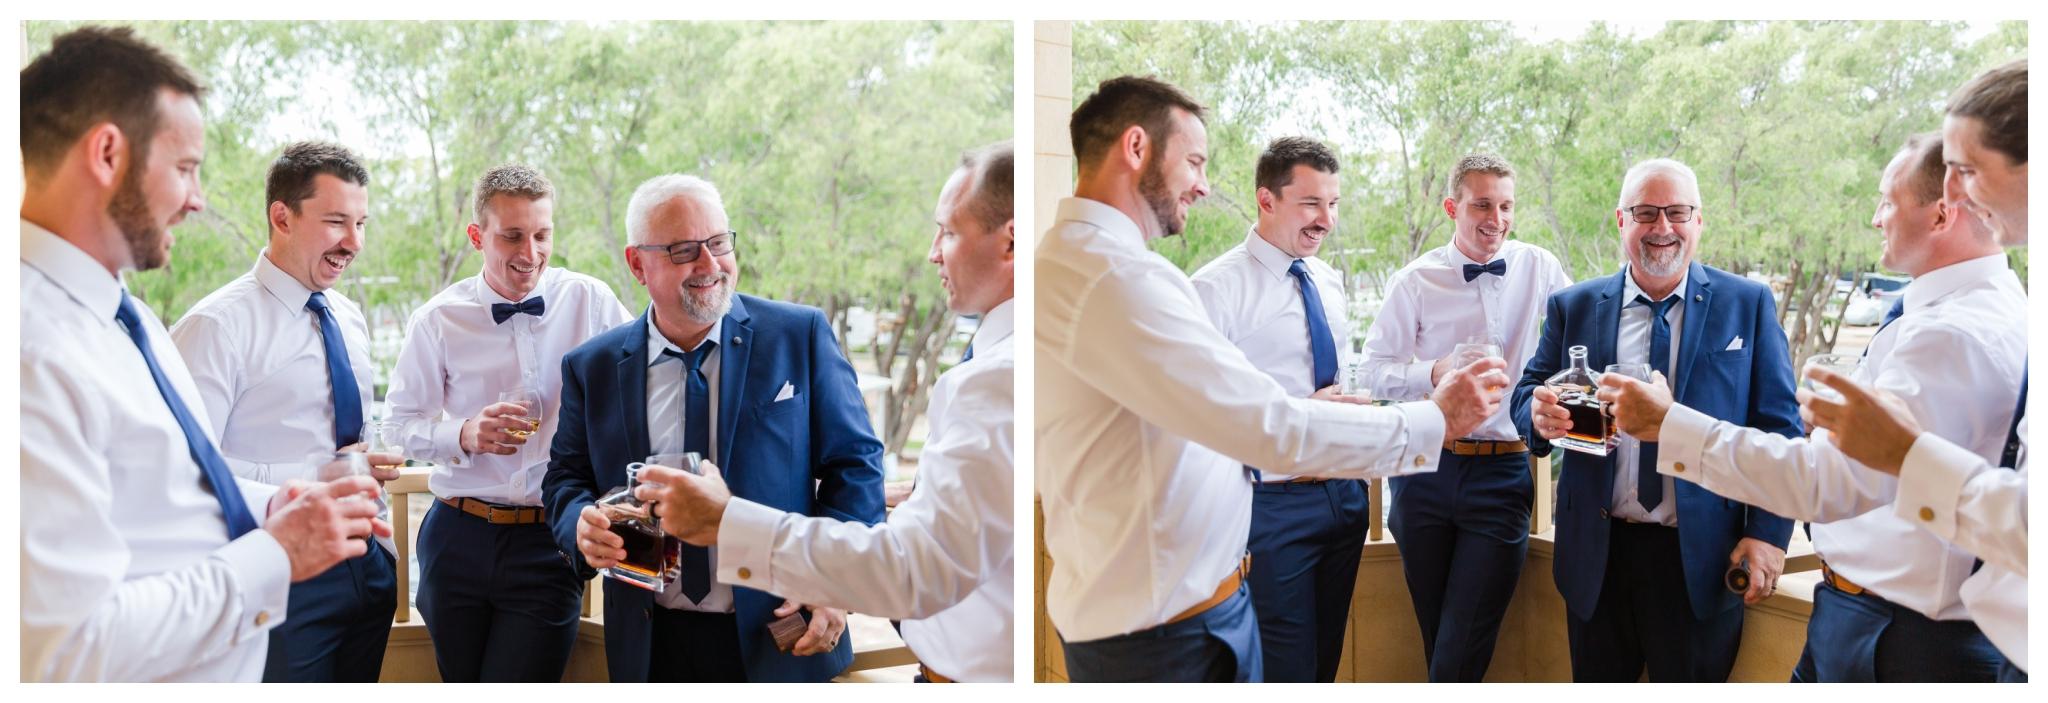 Jodi + Nathan | 2 2 19 | Aravina Estate Wedding — Trish